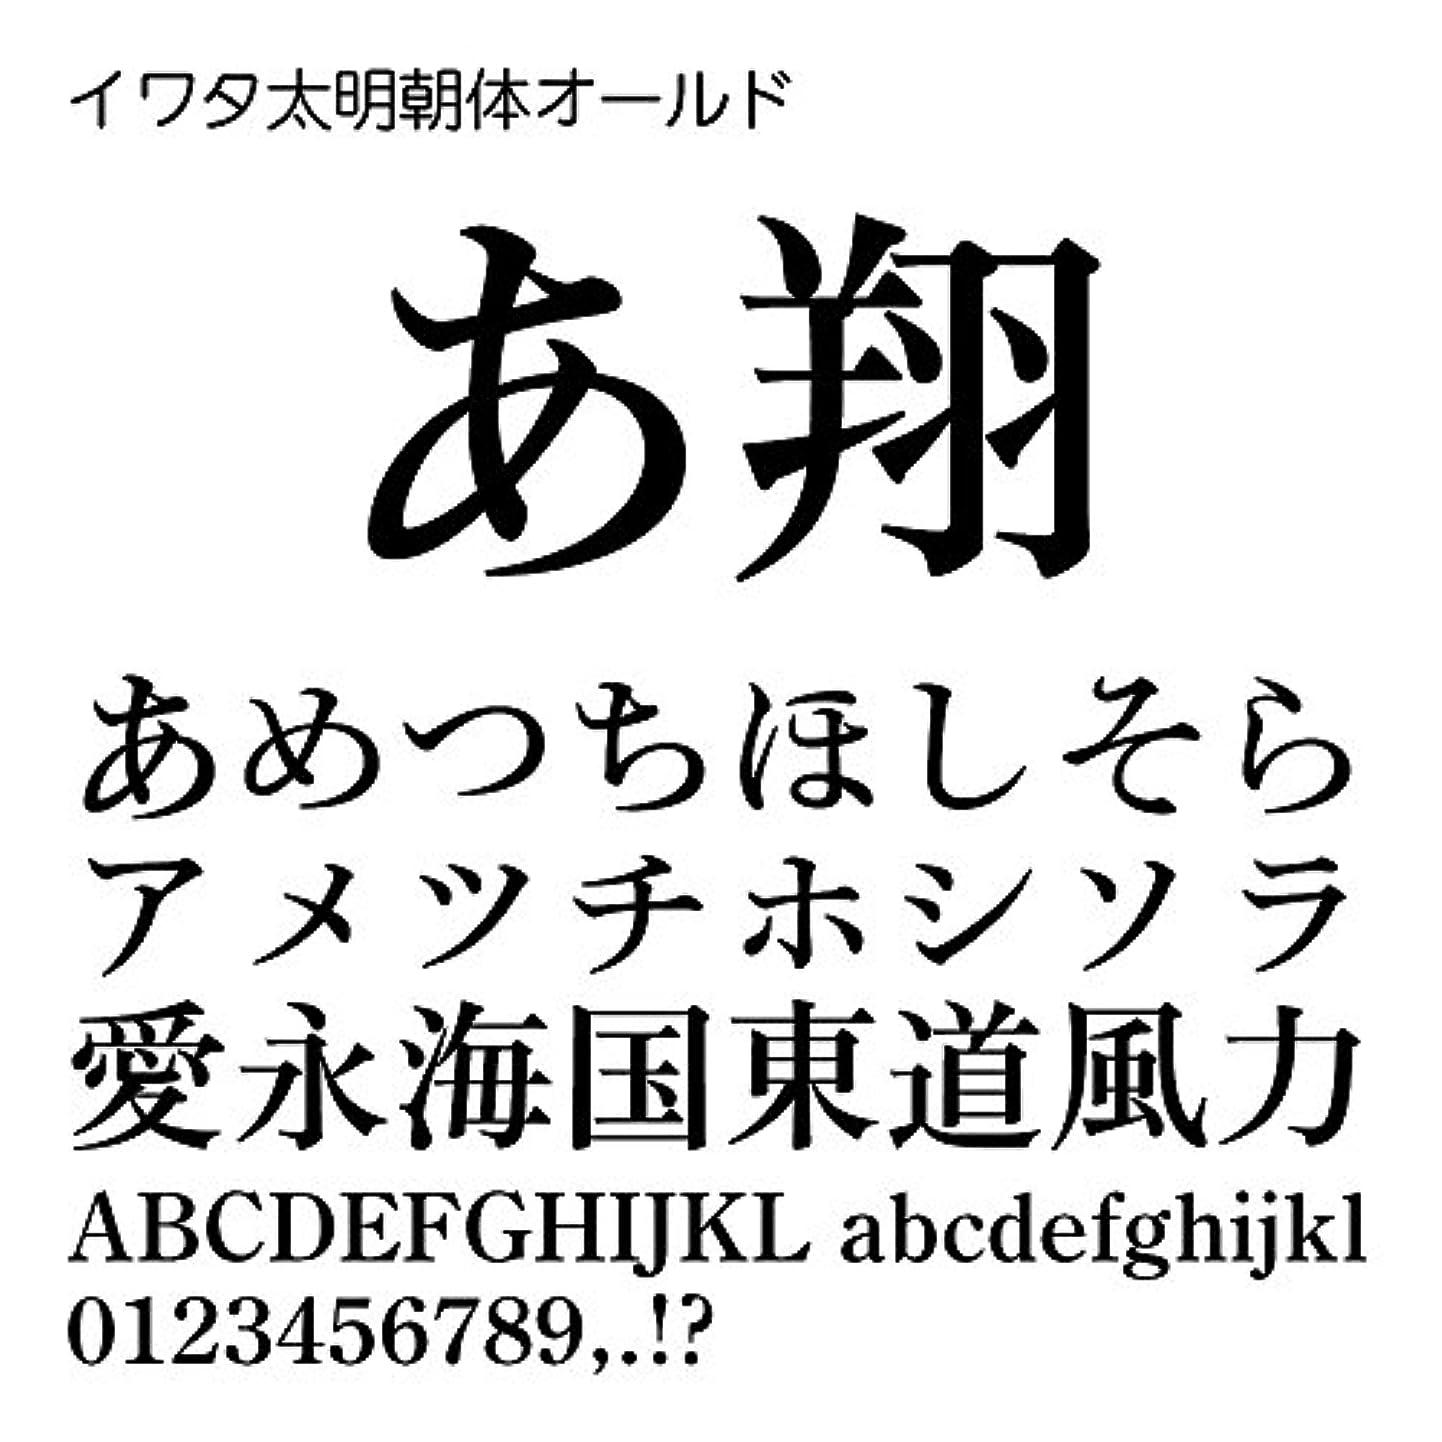 凶暴な結果羽イワタ太明朝体オールドStd OpenType Font for Windows [ダウンロード]